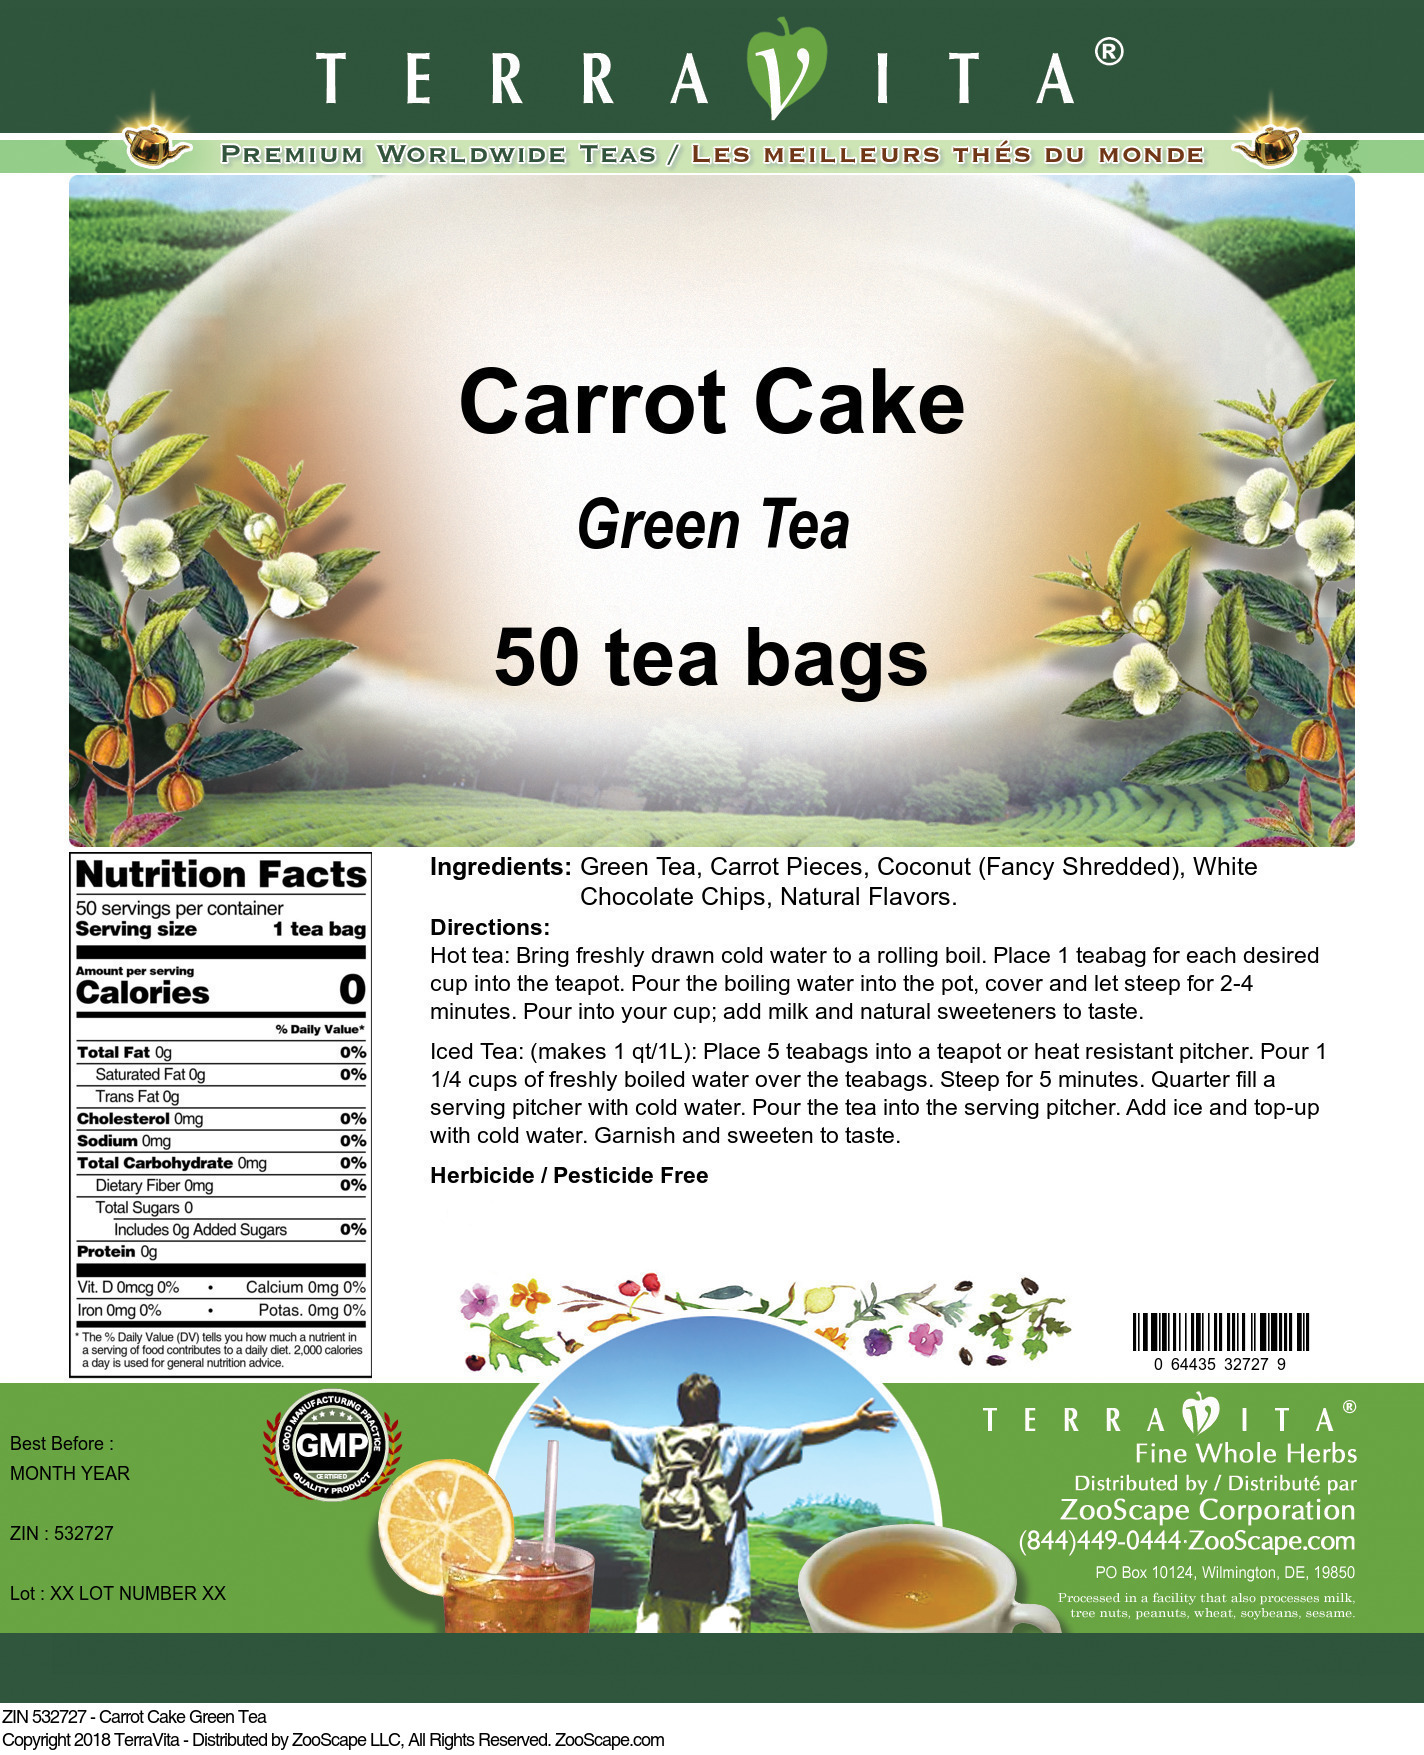 Carrot Cake Green Tea